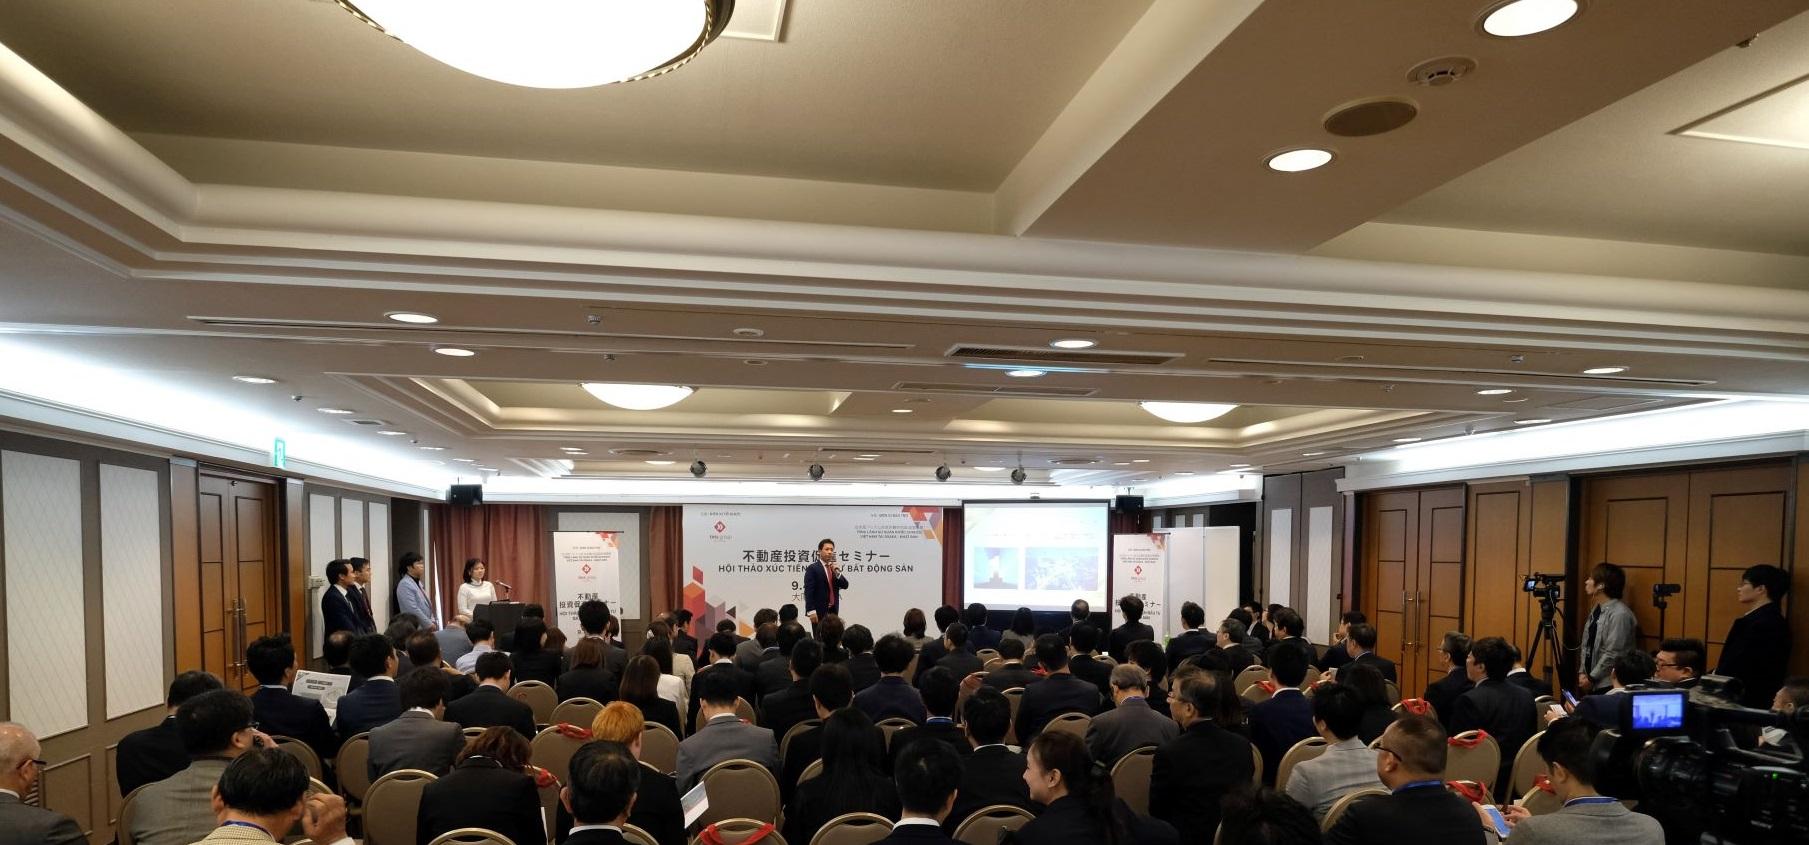 Các dự án BĐS của Tập đoàn TMS thu hút nhà đầu tư Osaka, Nhật Bản - Ảnh 1